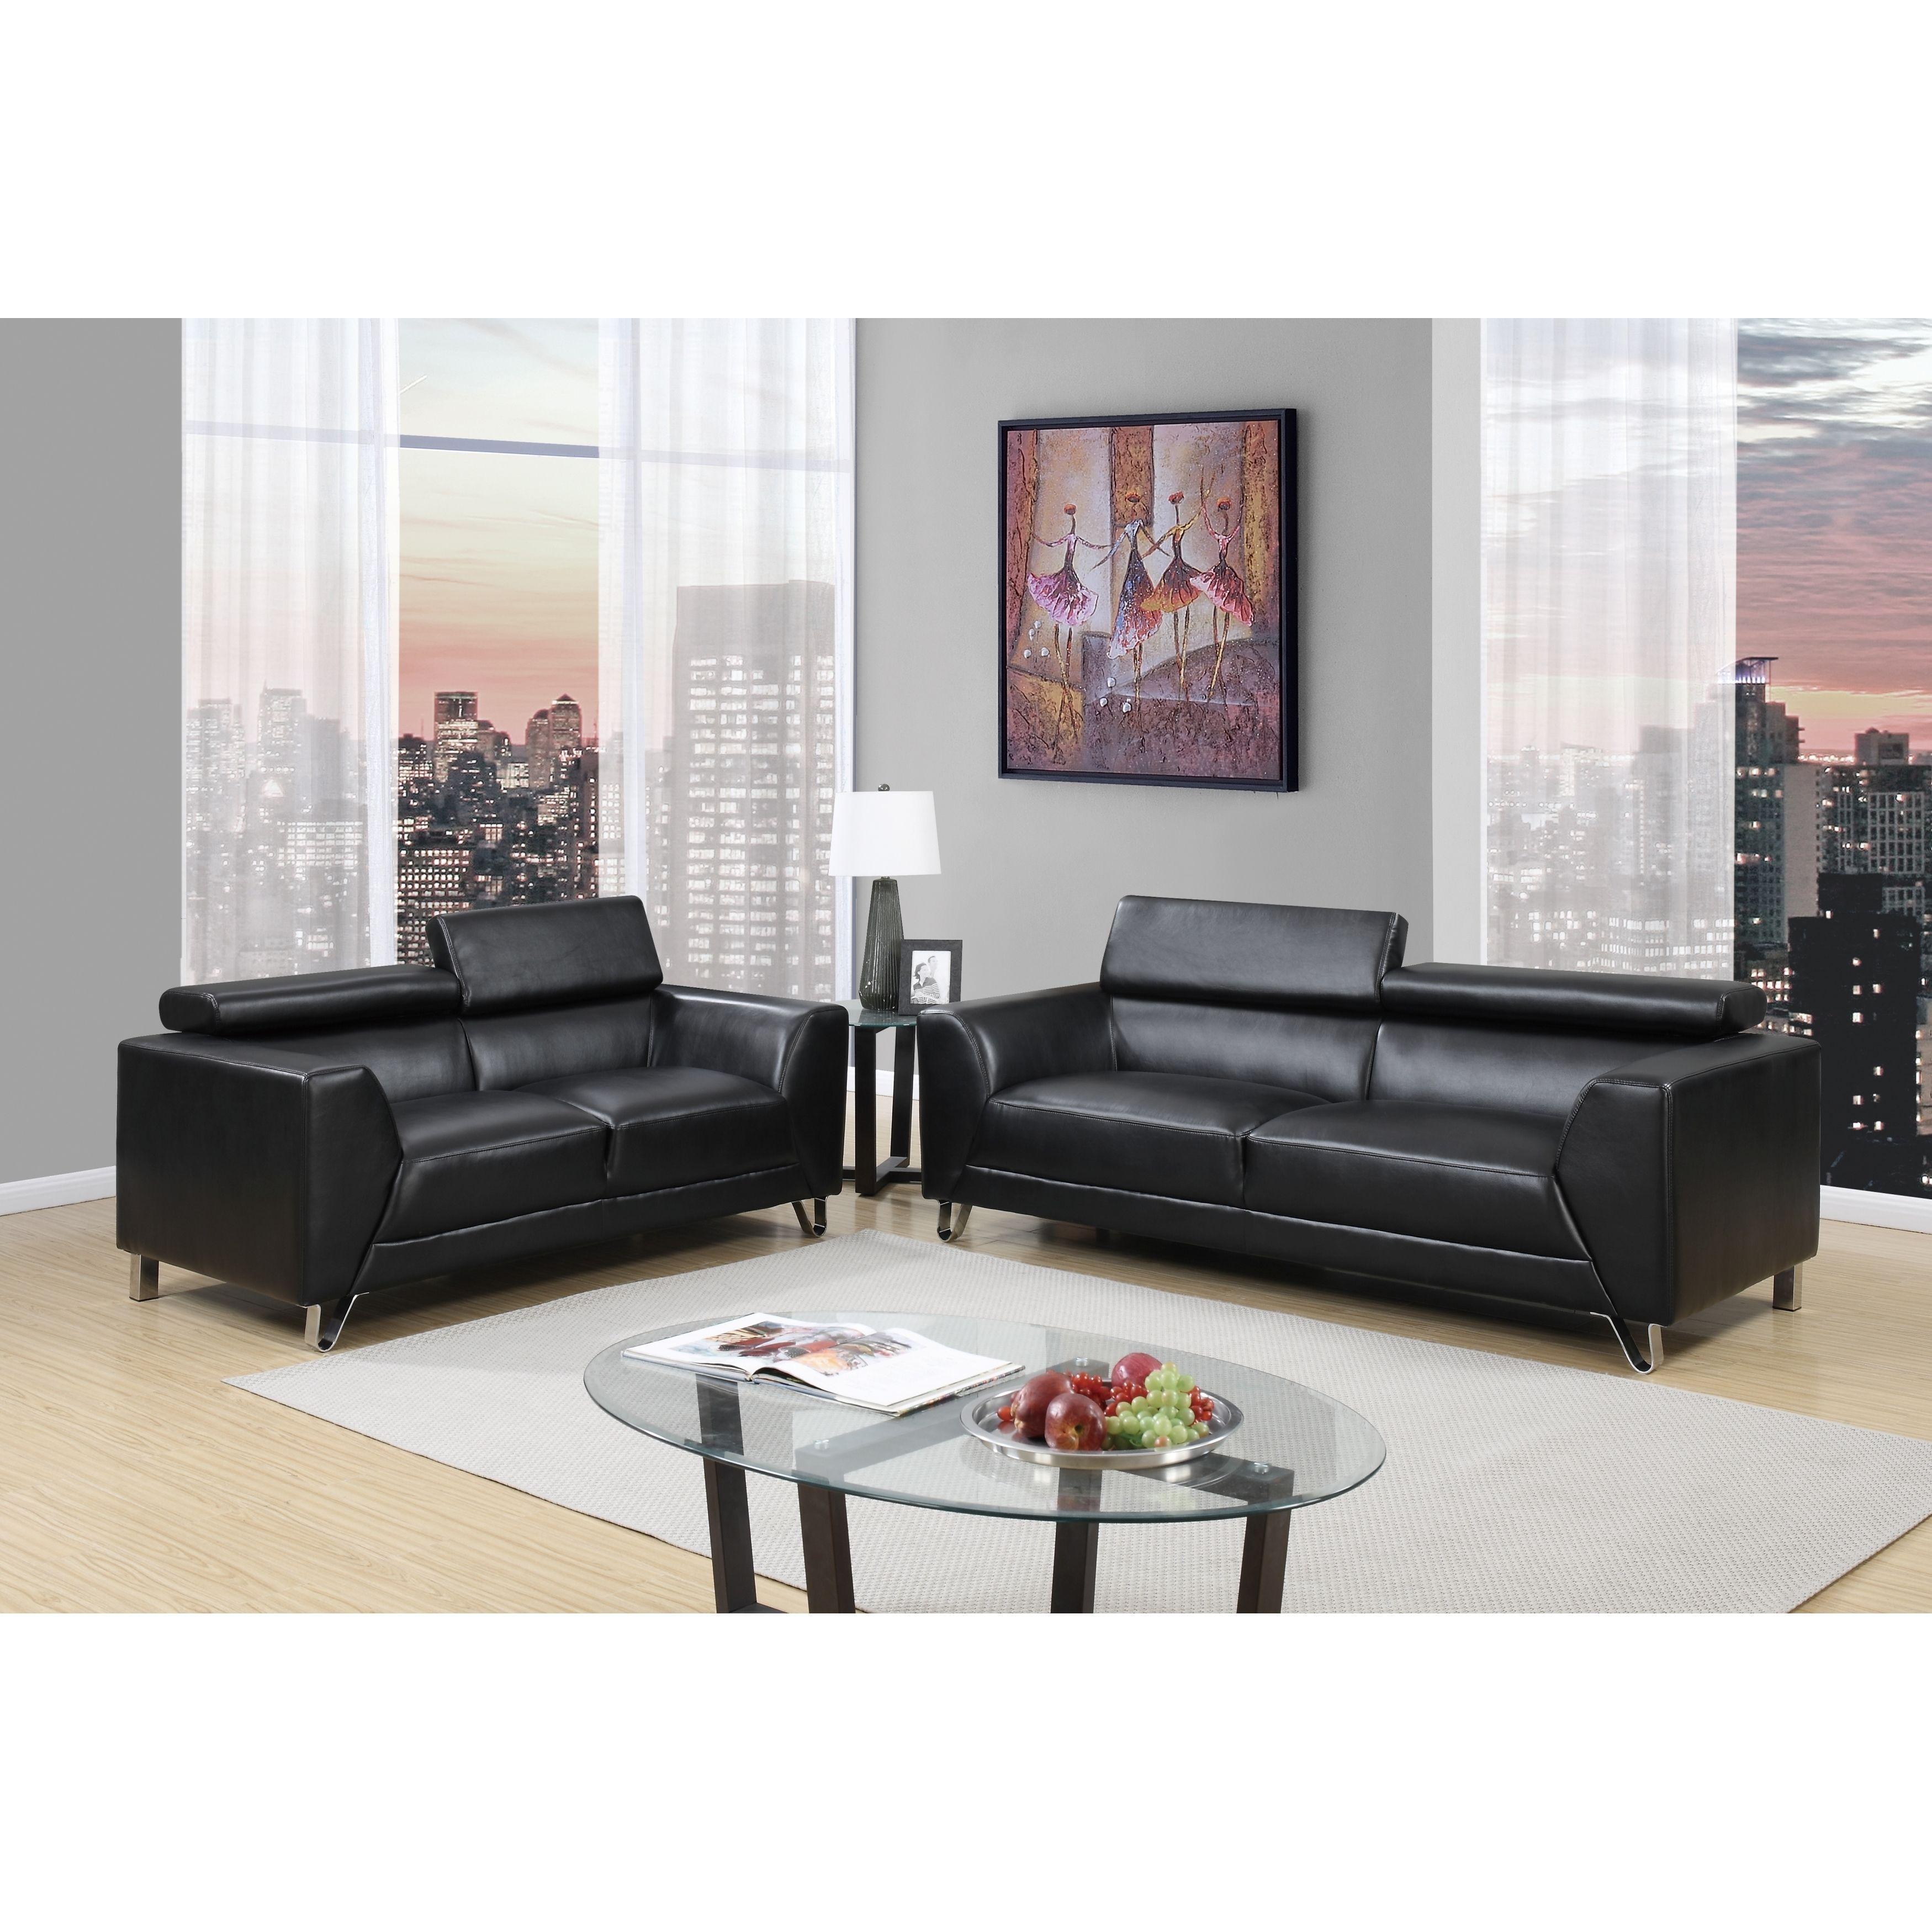 black price usa global composition best at lg set dining furniture online buy sohomod